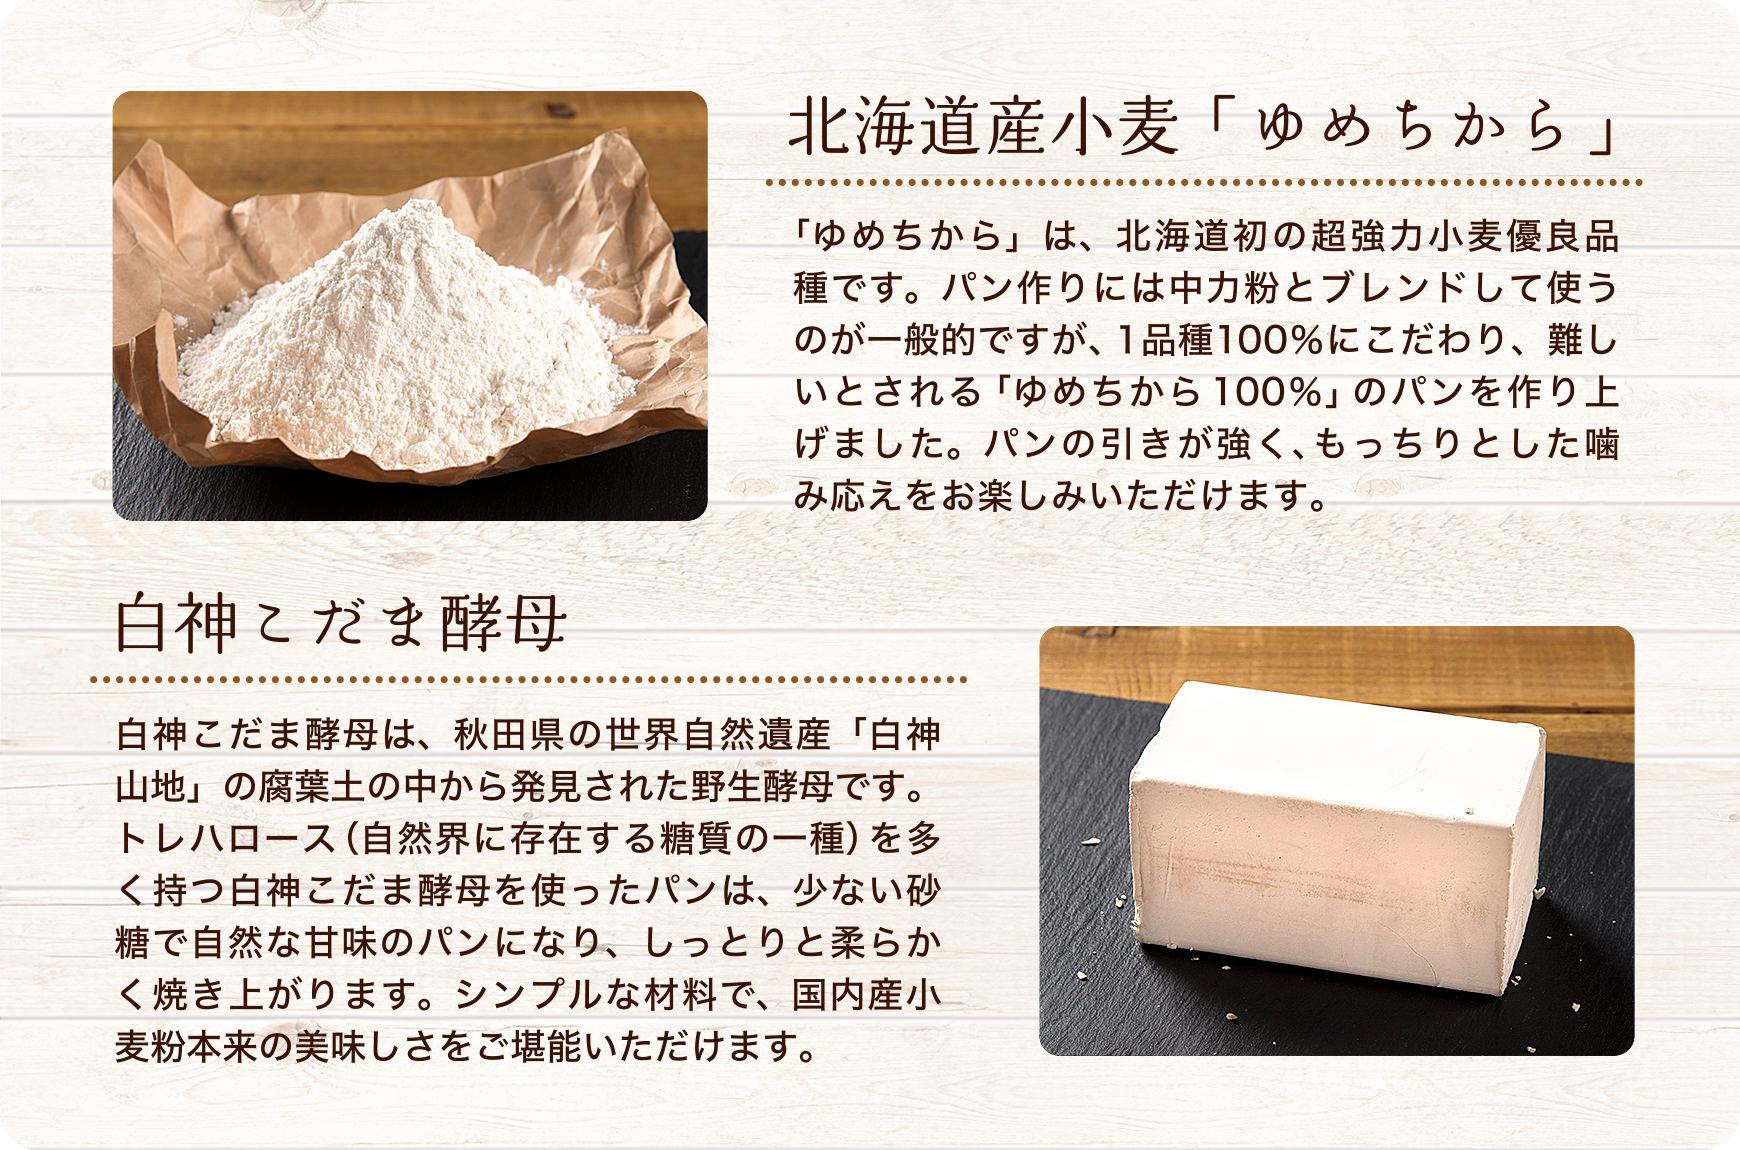 北海道産小麦「ゆめちから」、白神こだま酵母